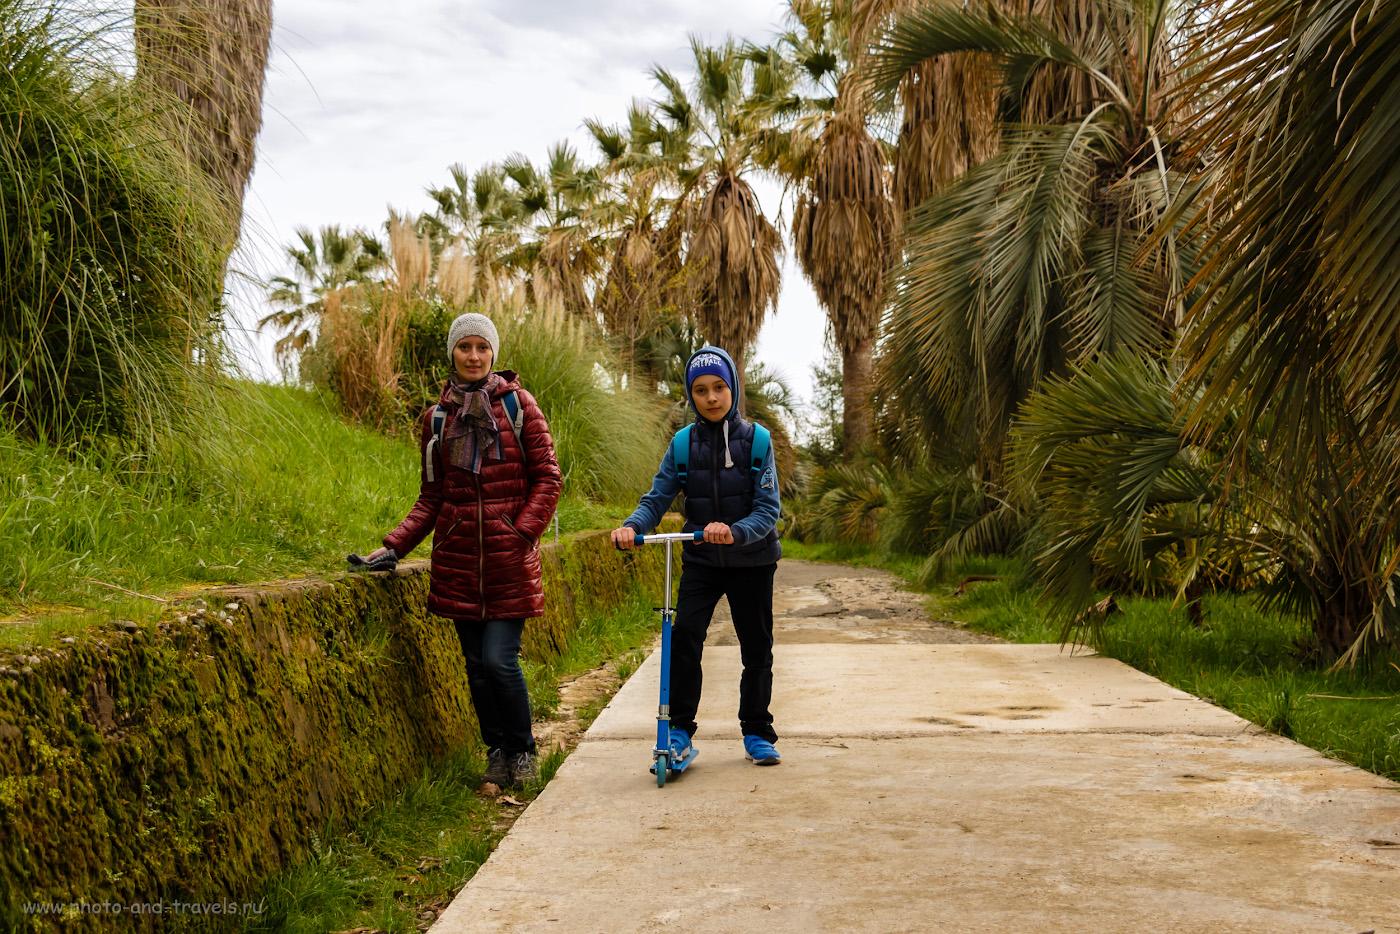 Фото 11. Прогулка по вечнозелёному дендрарию. Что посмотреть в Сочи в марте. 1/320, f/4, ISO 200, 29мм